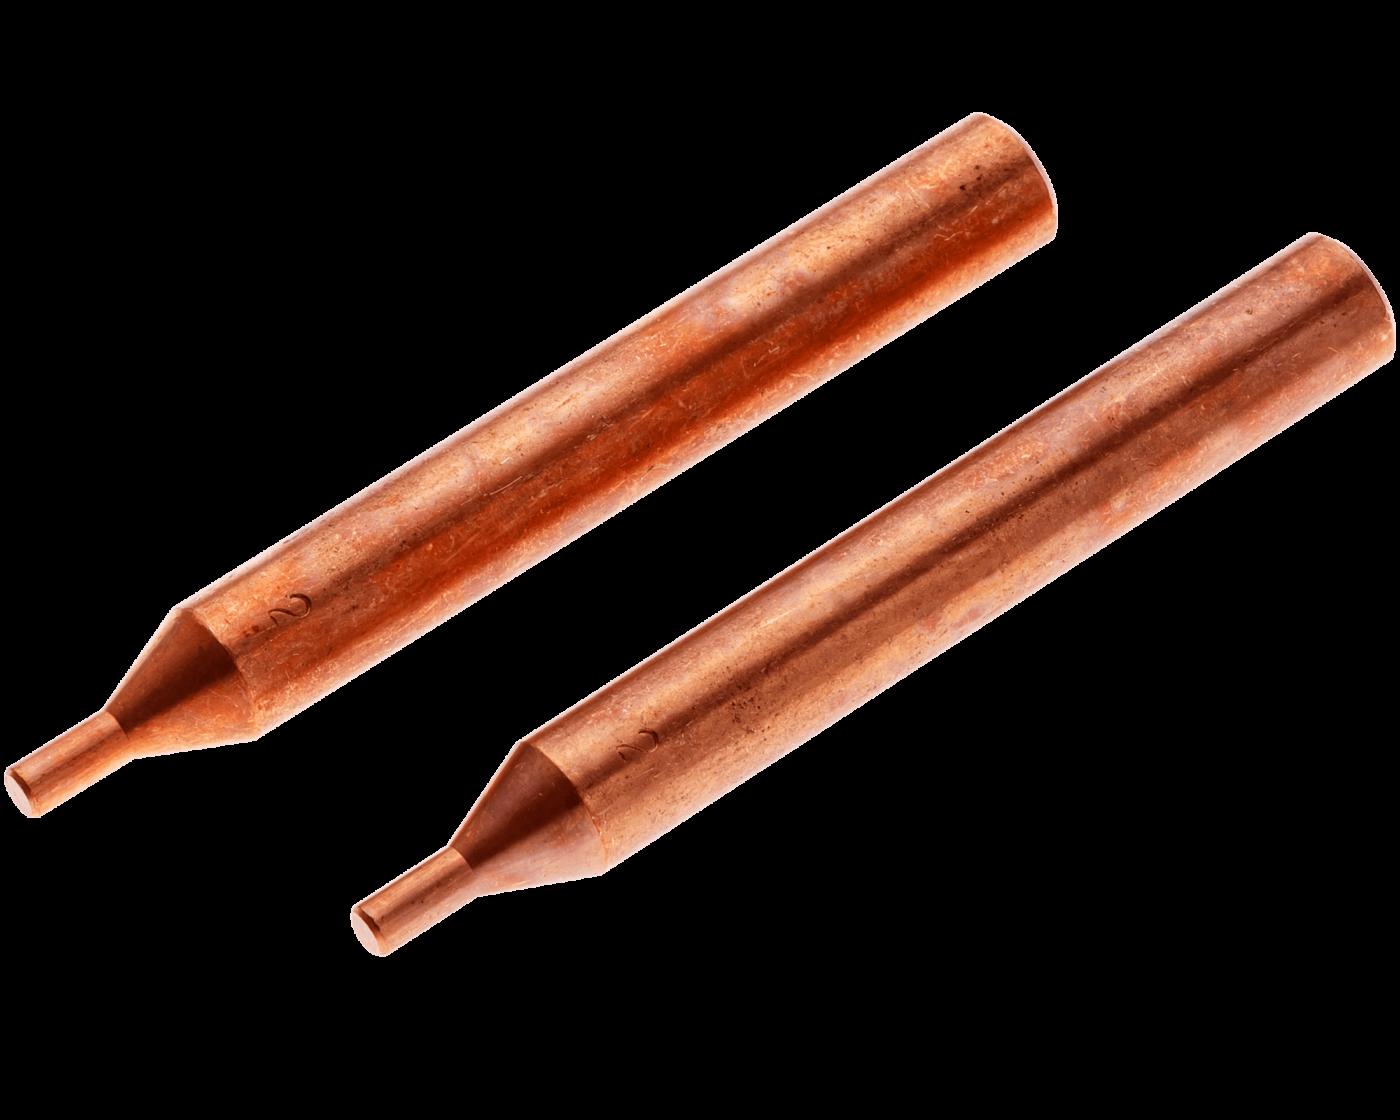 """ES0803 Straight Electrode Set <br> 1/4"""" OD, 3/32"""" Tip OD <br> RWMA 3"""